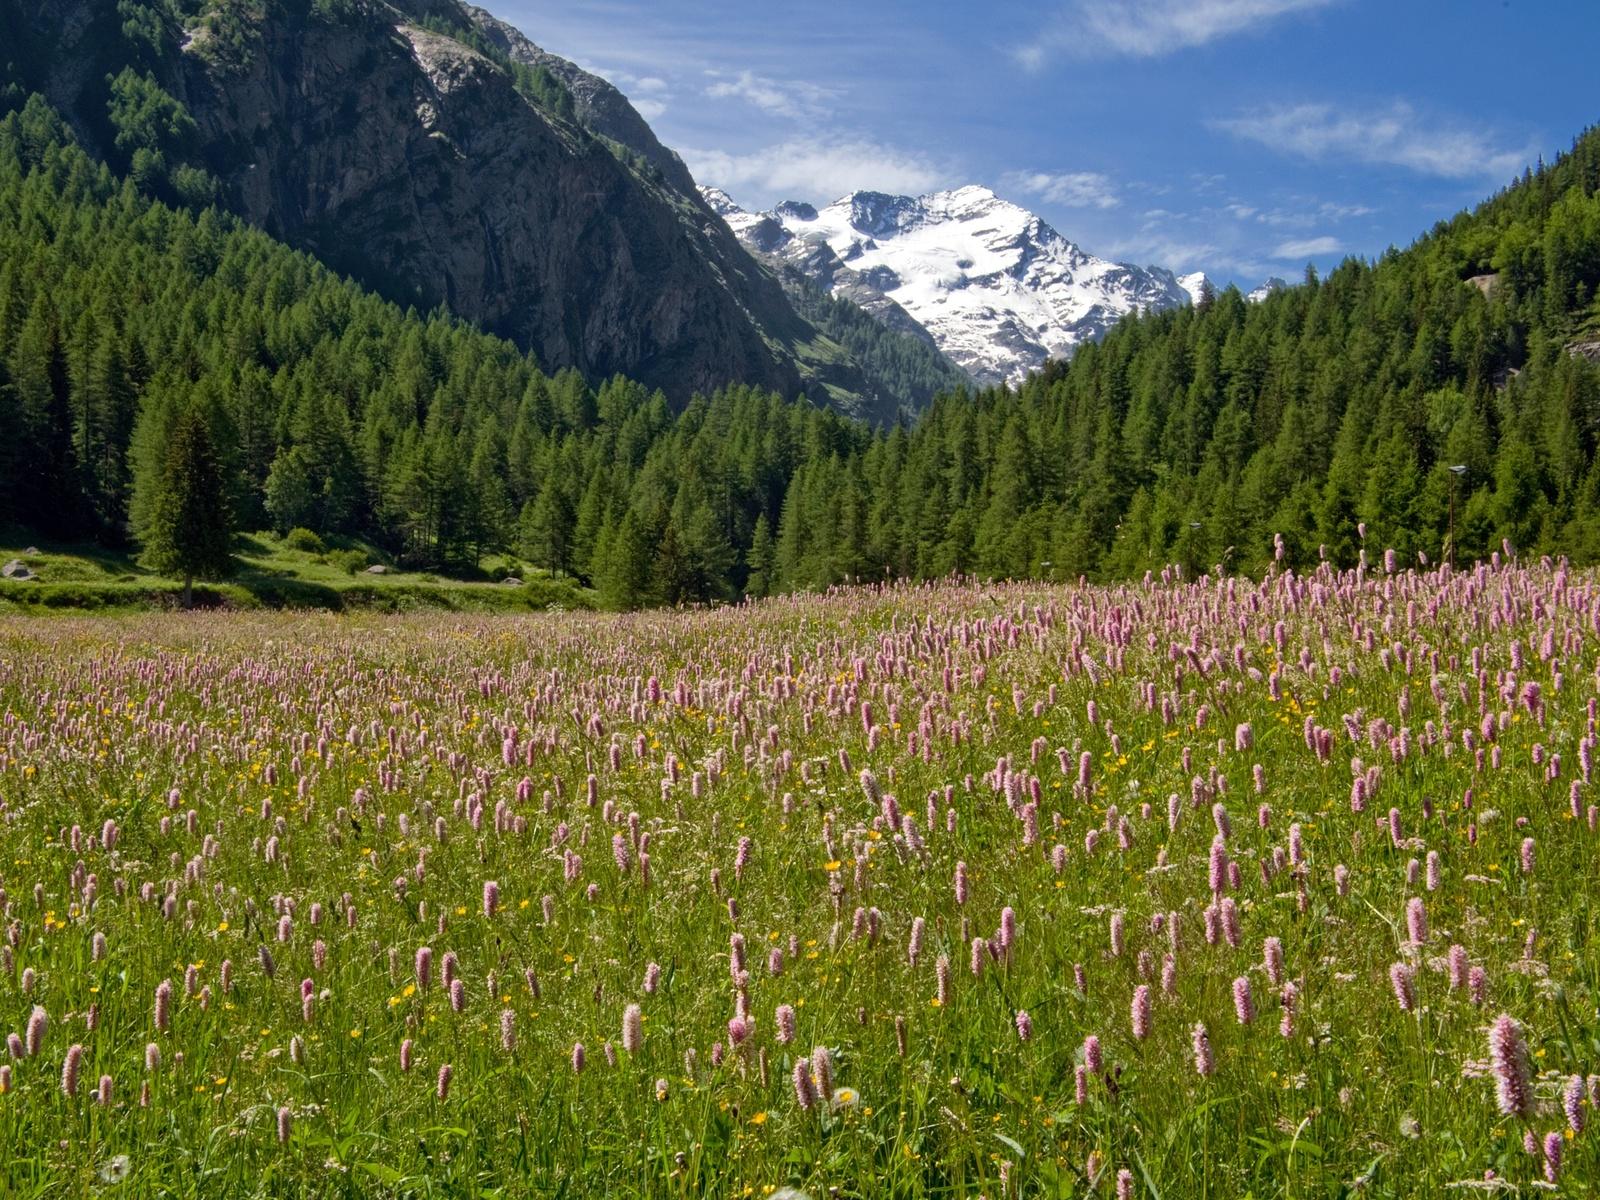 gran paradiso national park, горы, альпы, лес, луг, италия